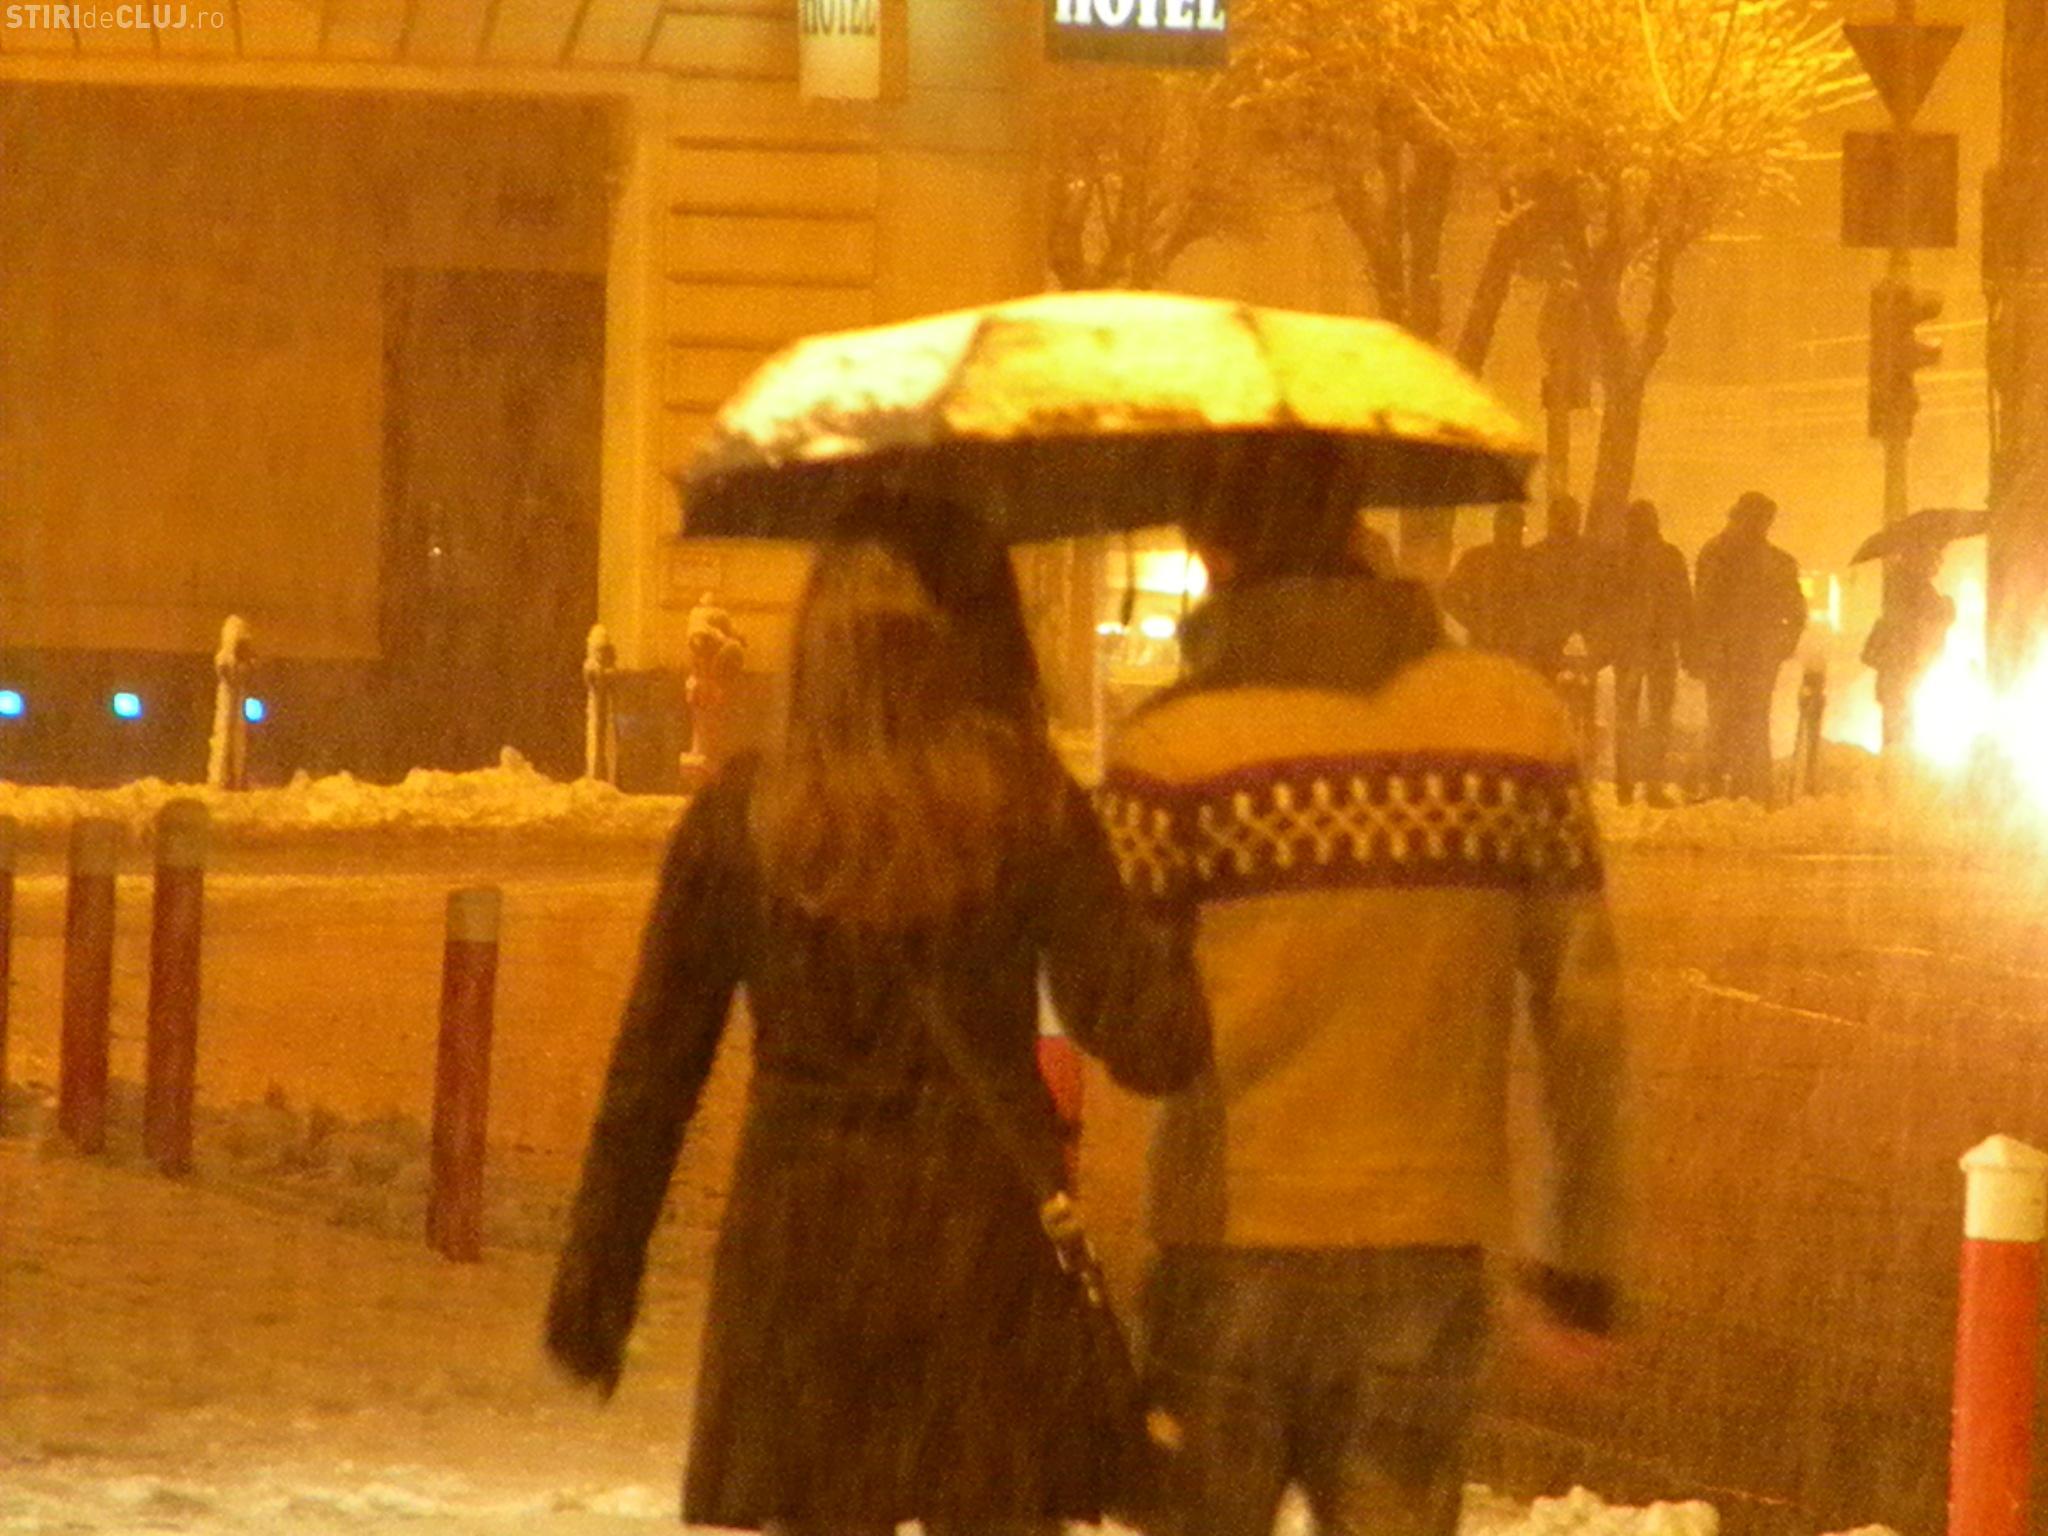 Vești PROASTE în privința VREMII de la Cluj. Cât va ninge și de când încep ploile